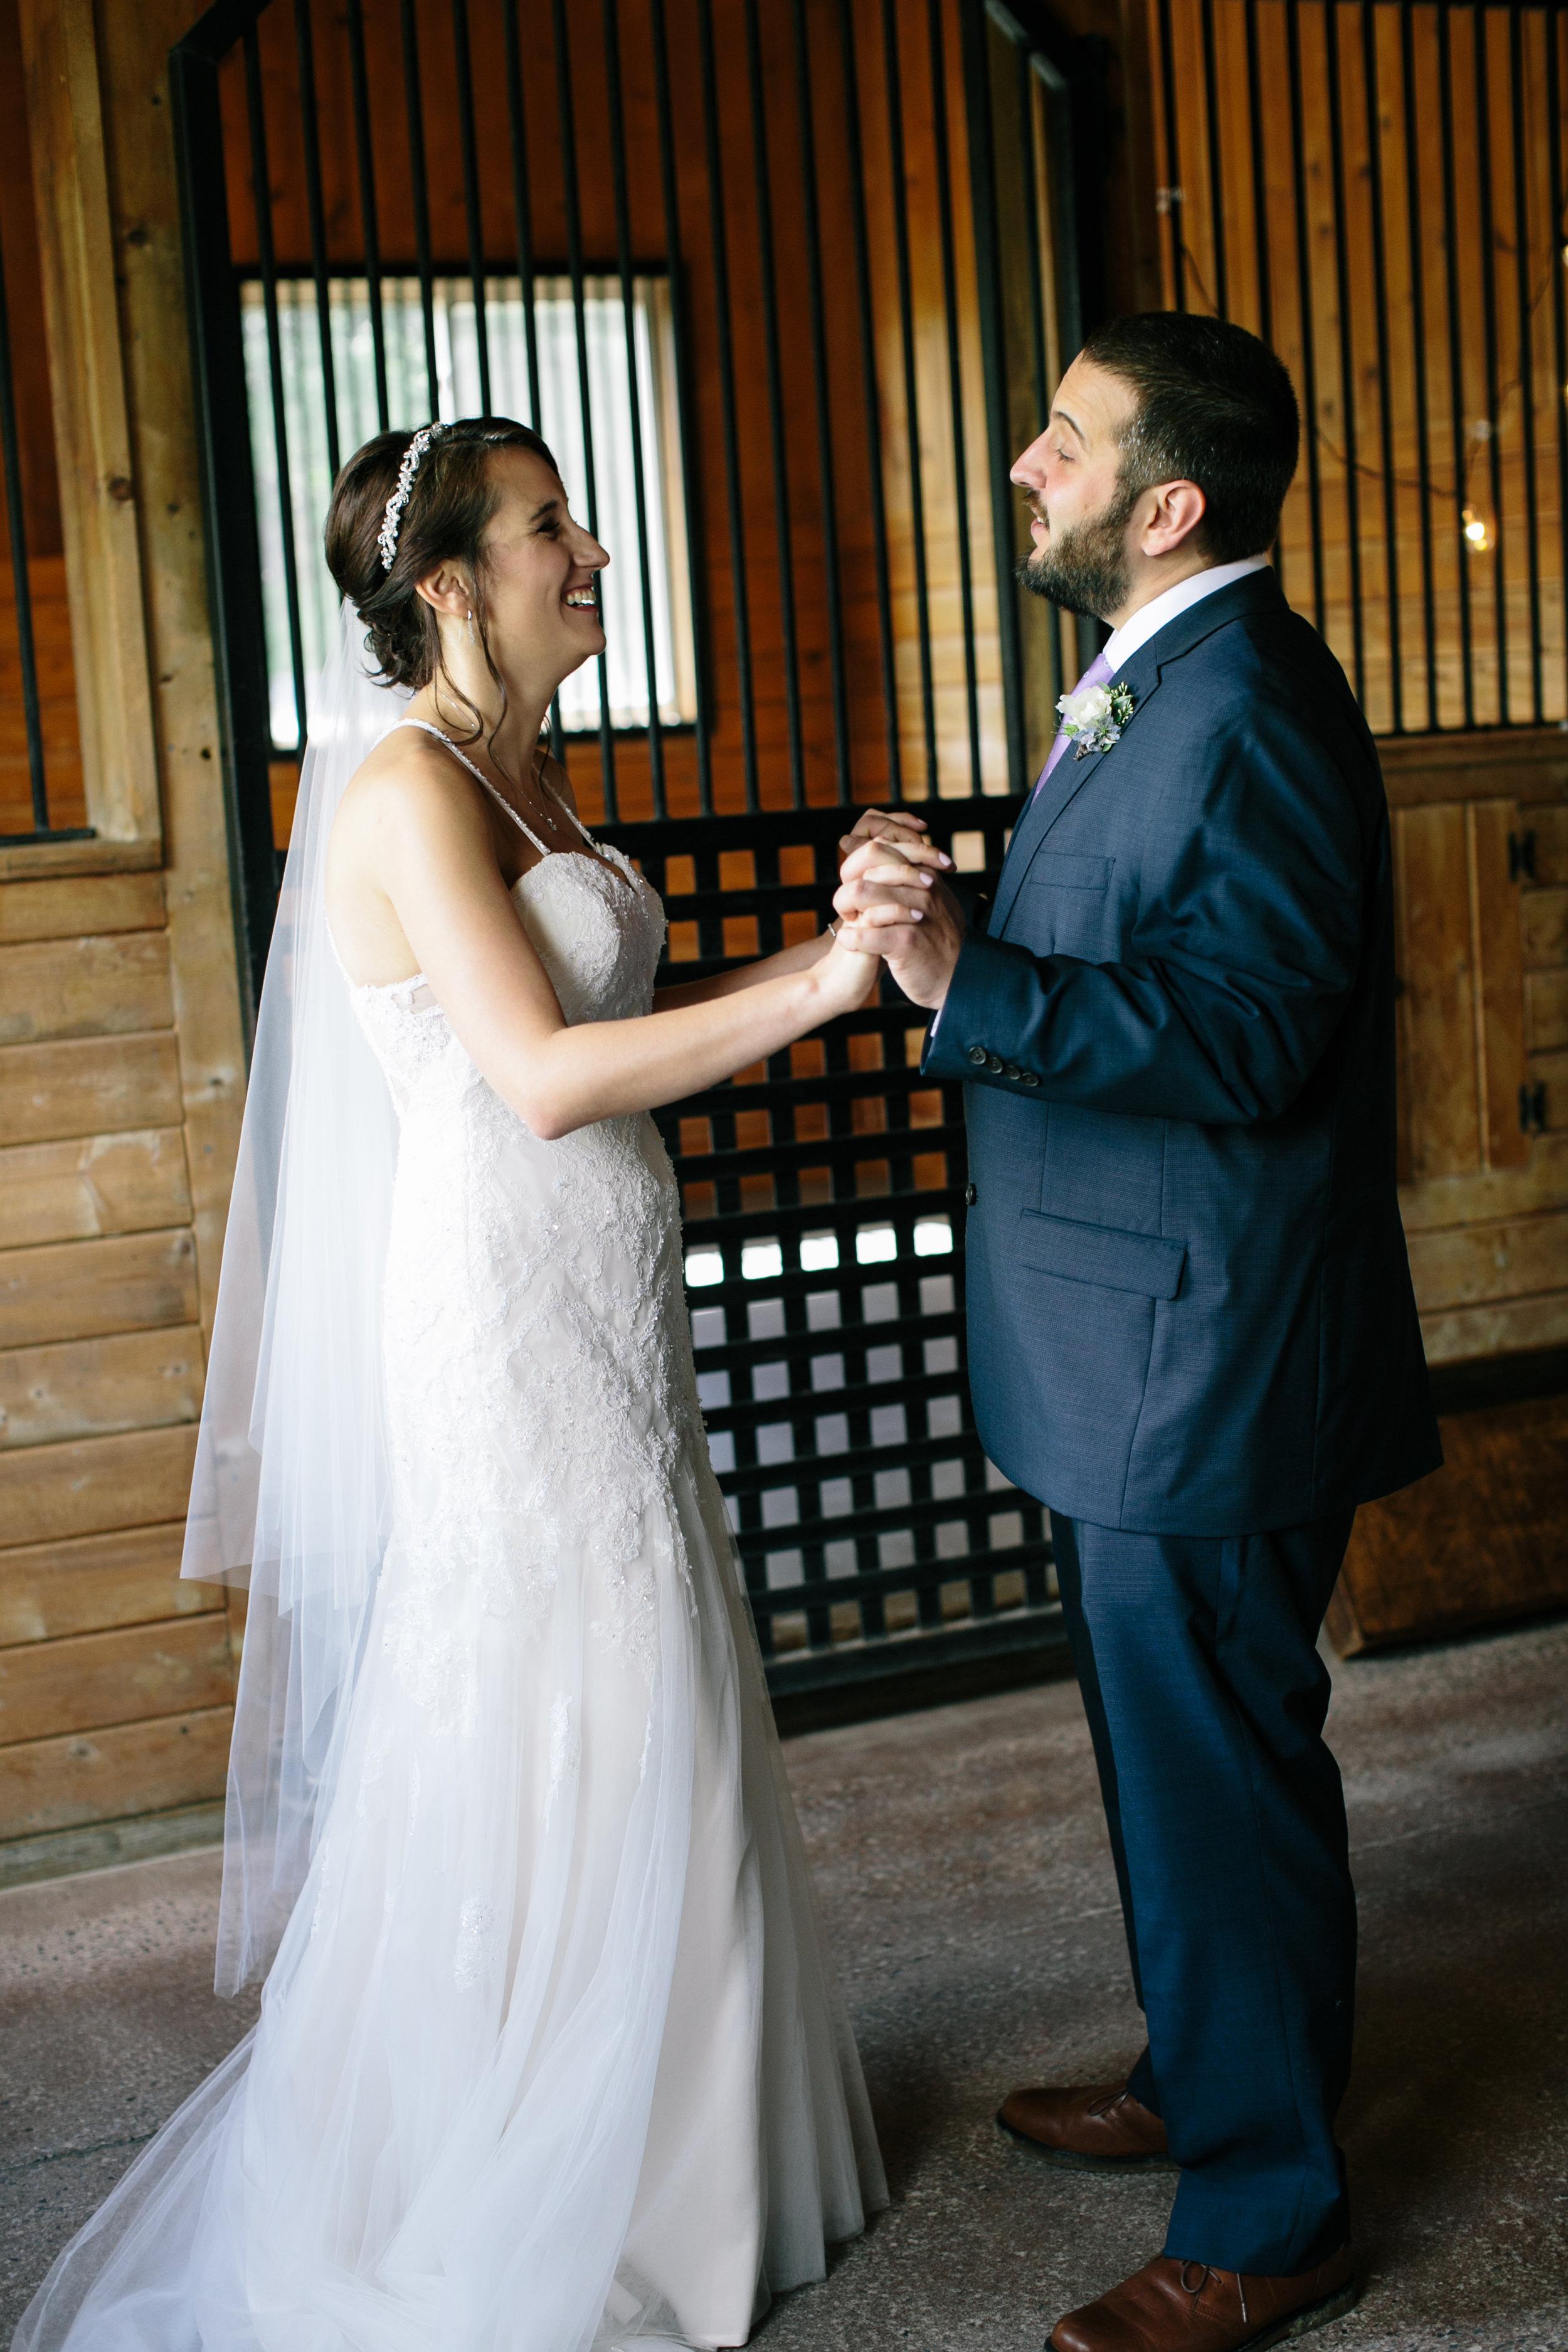 135_Jared_Kristen_wedding.jpg